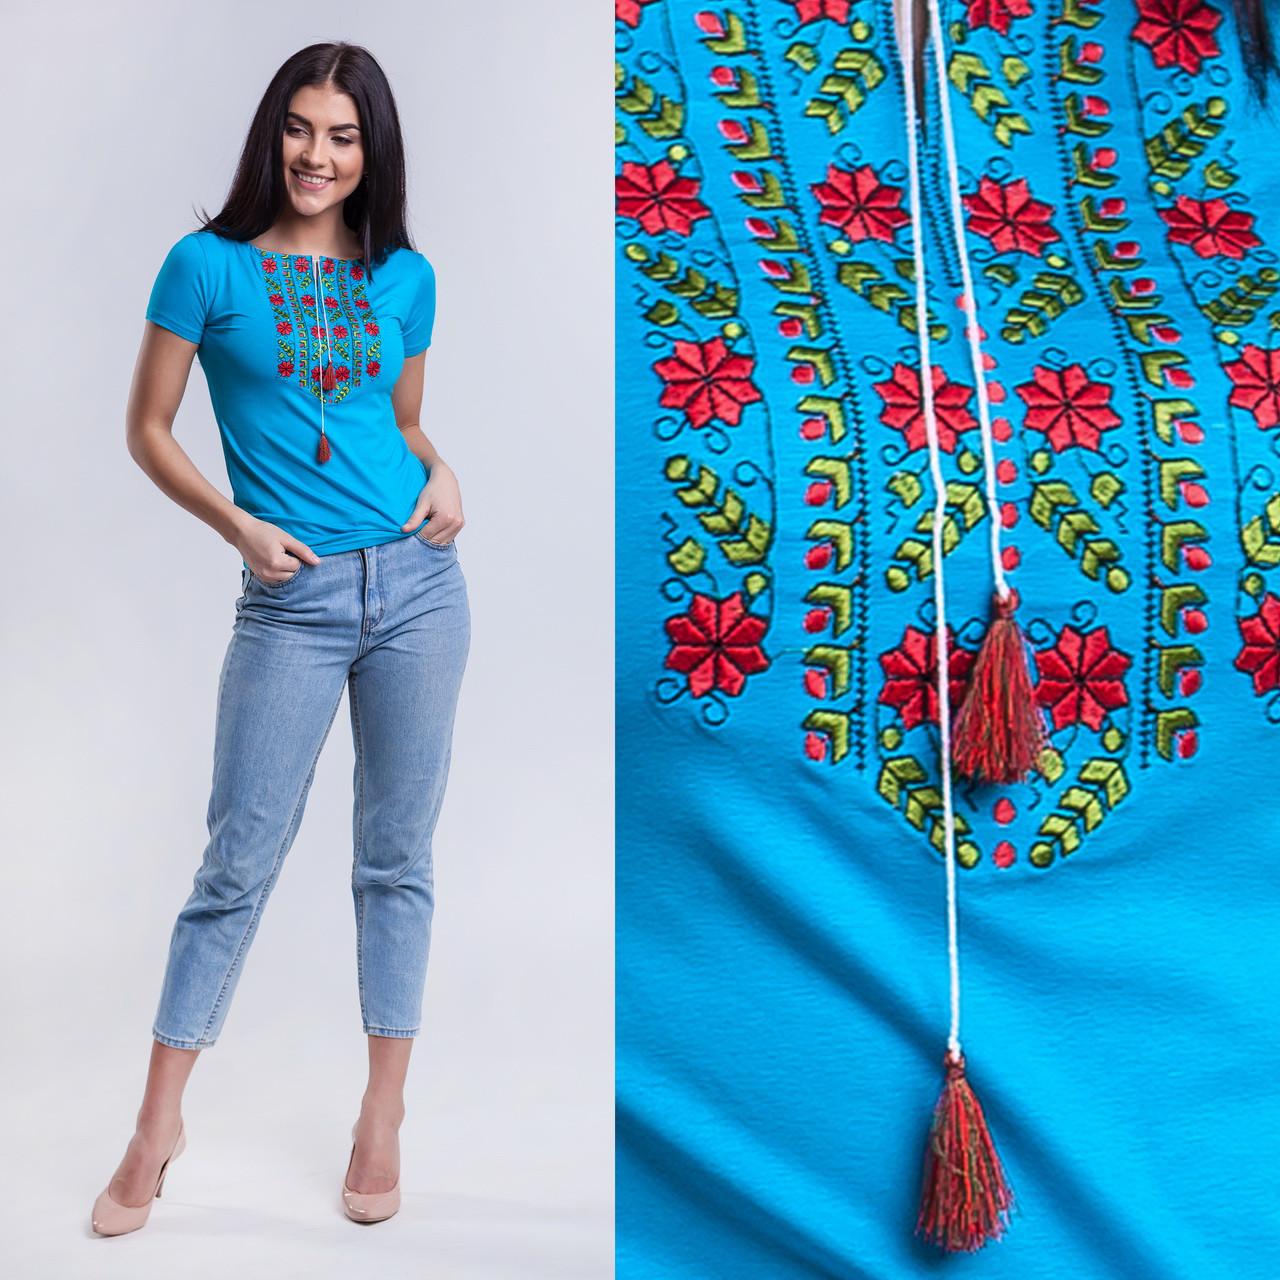 Бирюзовая трикотажная футболка вышиванка Цветы